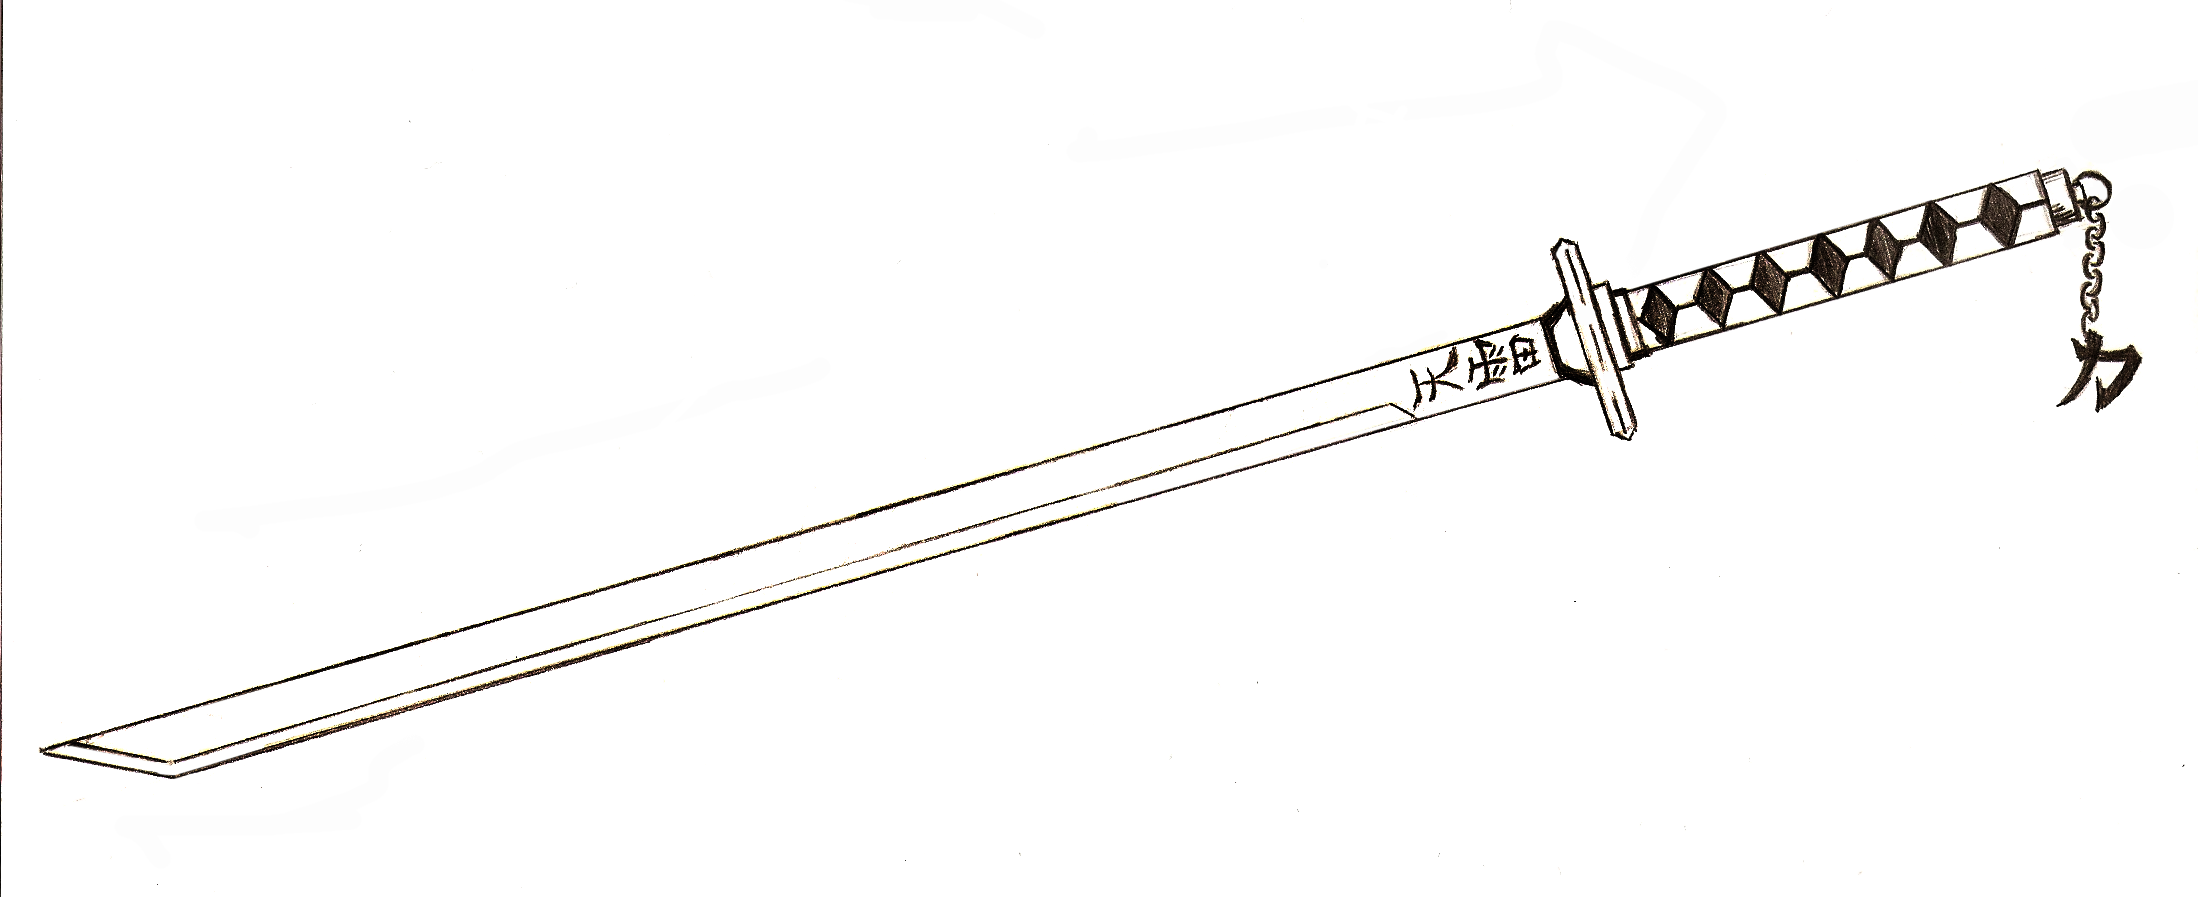 Sword Design by ajvulpes on DeviantArt